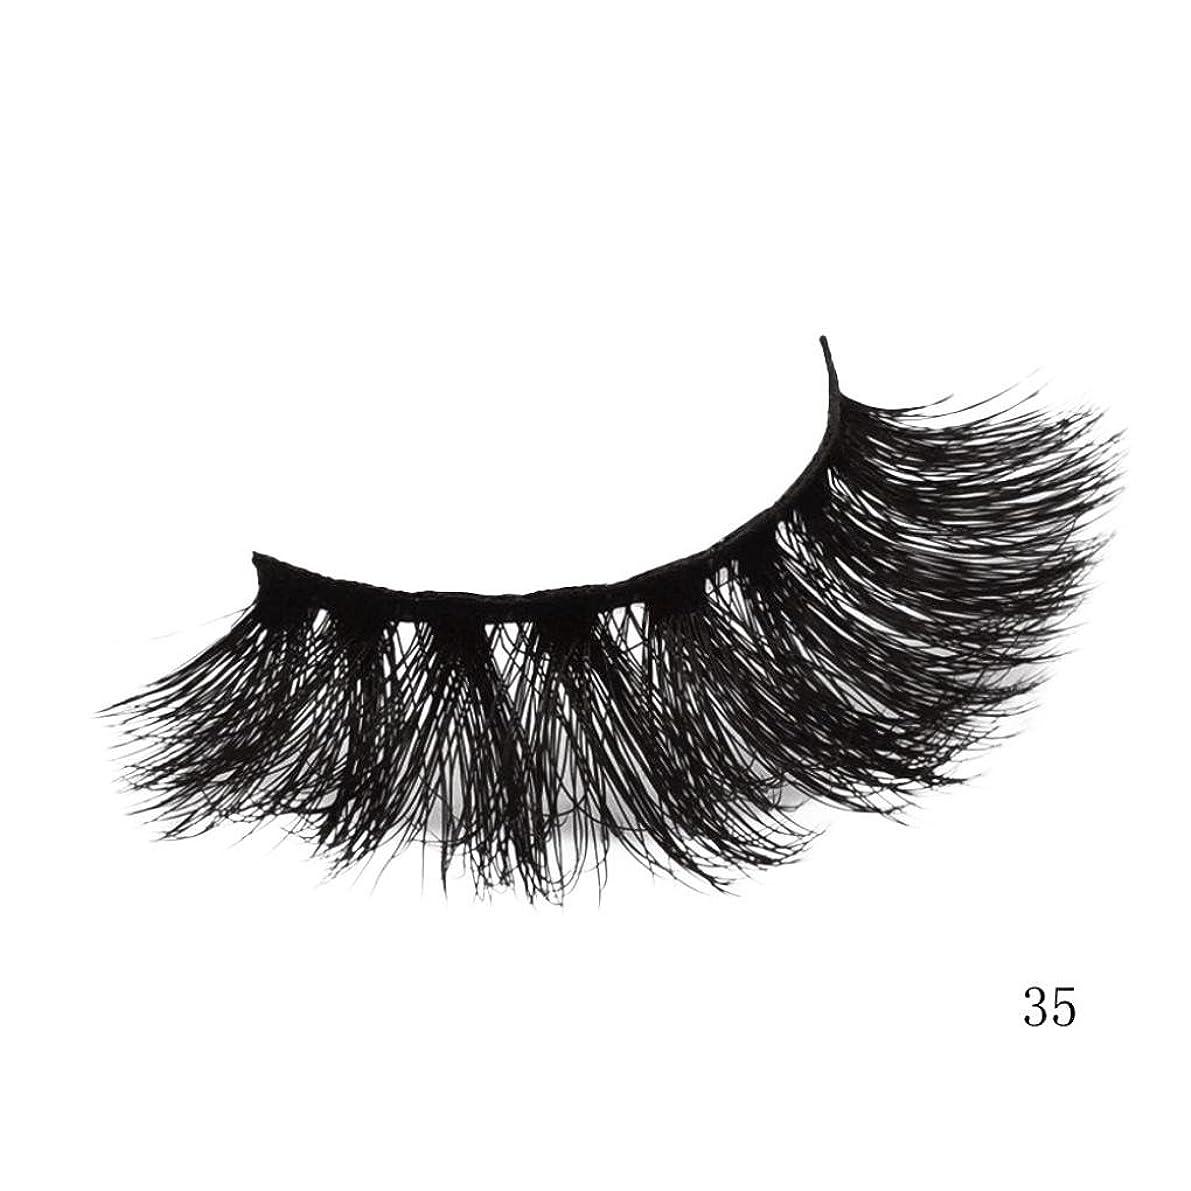 また拳金銭的なFeteso 1ペア つけまつげ 上まつげ Eyelashes アイラッシュ まつげエクステ レディース 化粧ツール アイメイクアップ 人気 ナチュラル ふんわり 装着簡単 魅力的